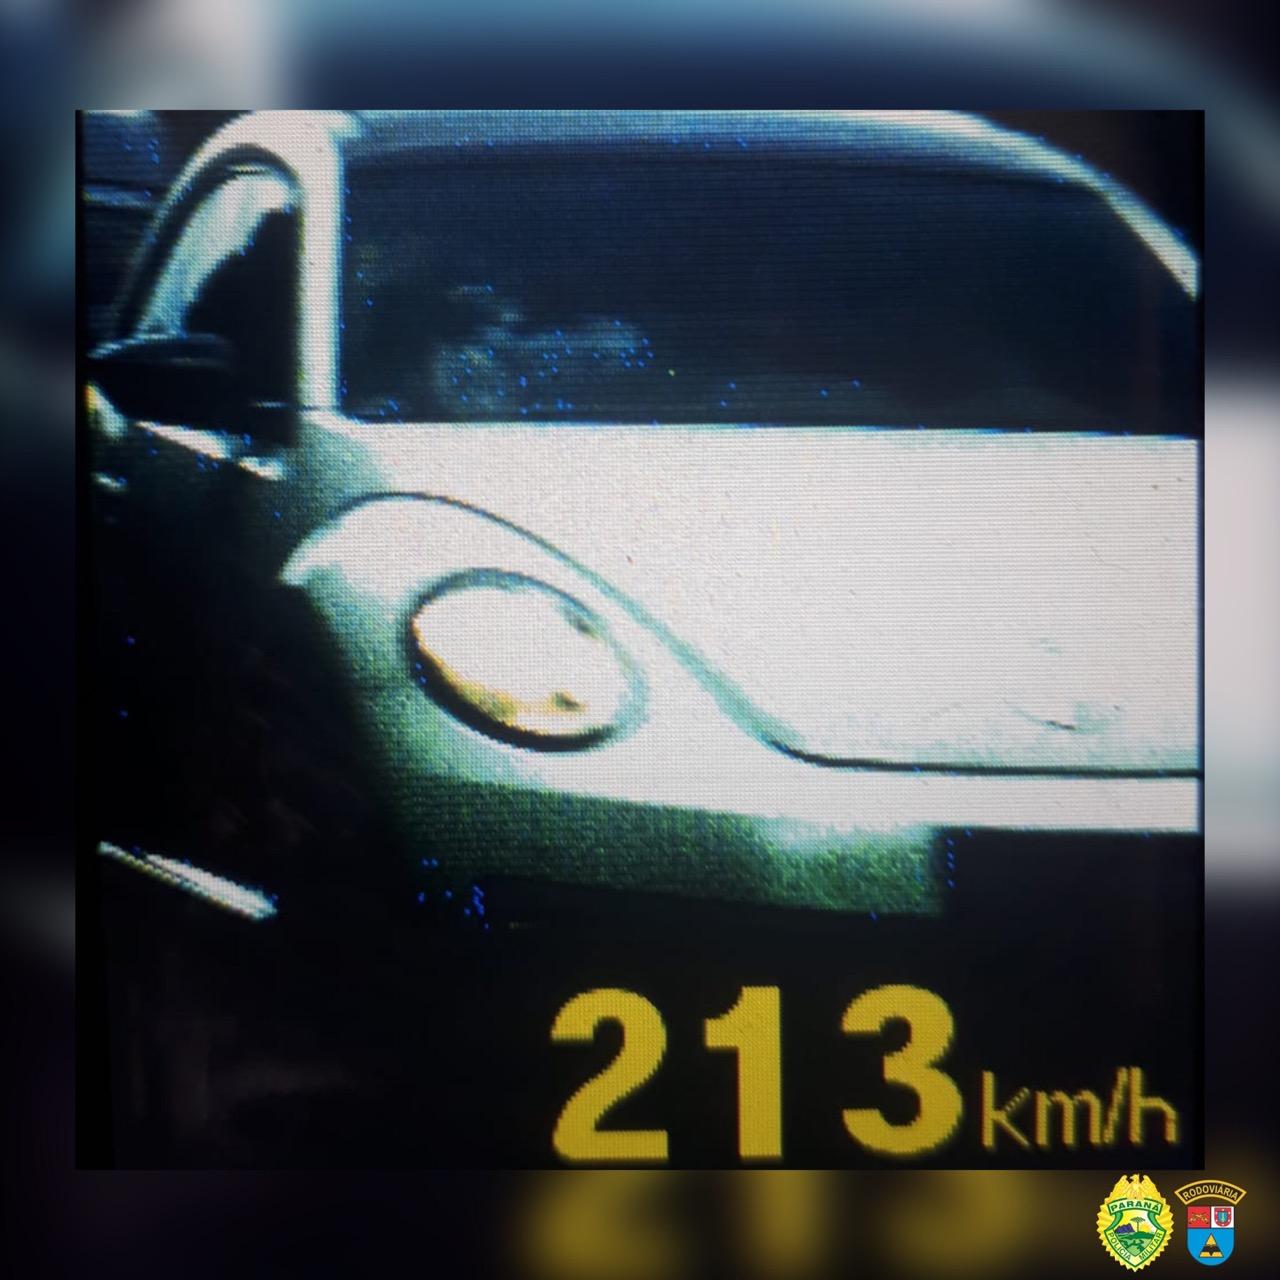 Motorista é flagrado pela PRE a mais de 200 km/h em estrada do litoral